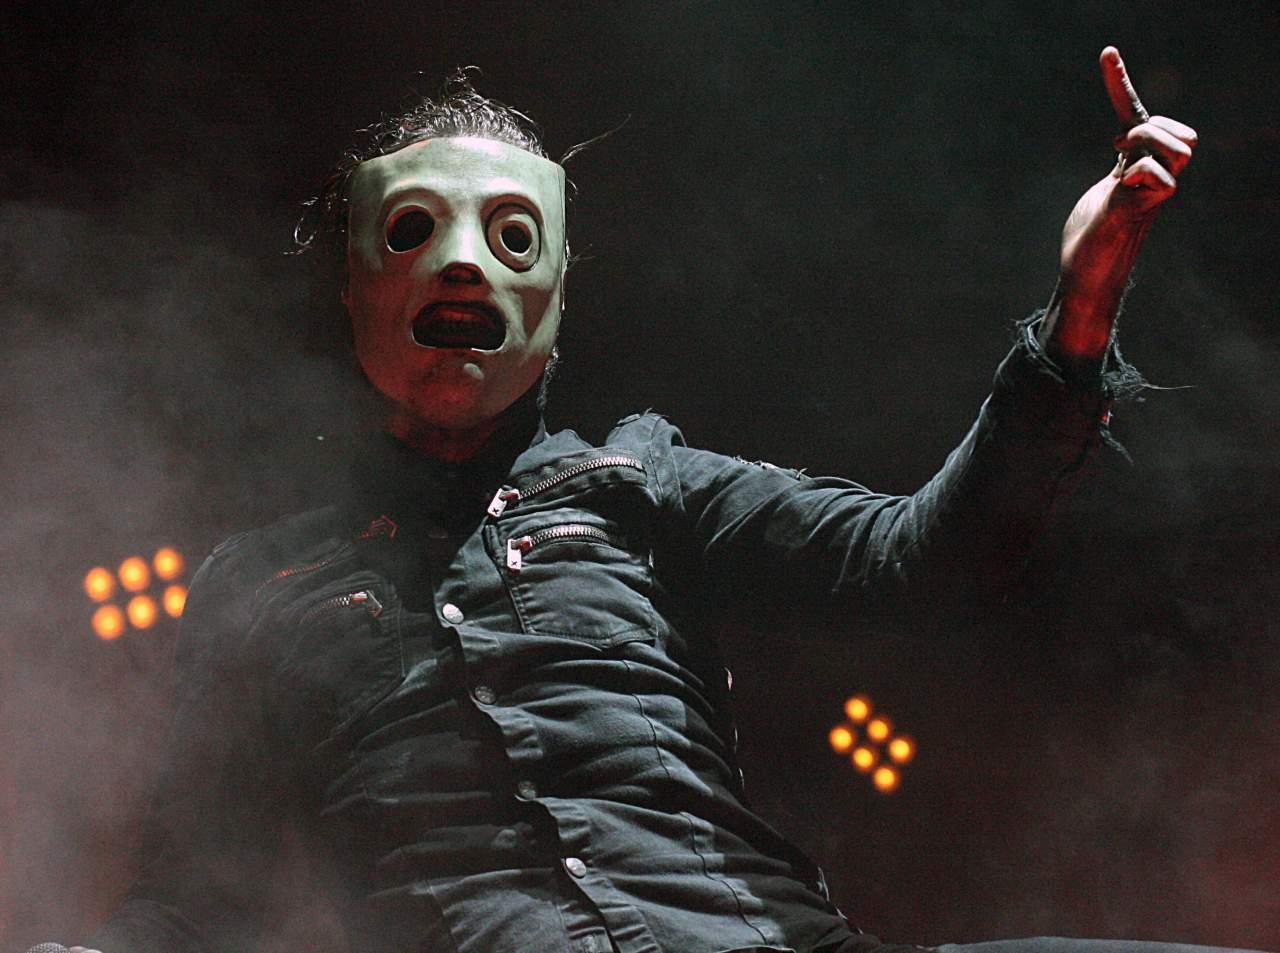 Вокалист группы Slipknot выбил смартфон из рук фаната, который увлекся перепиской